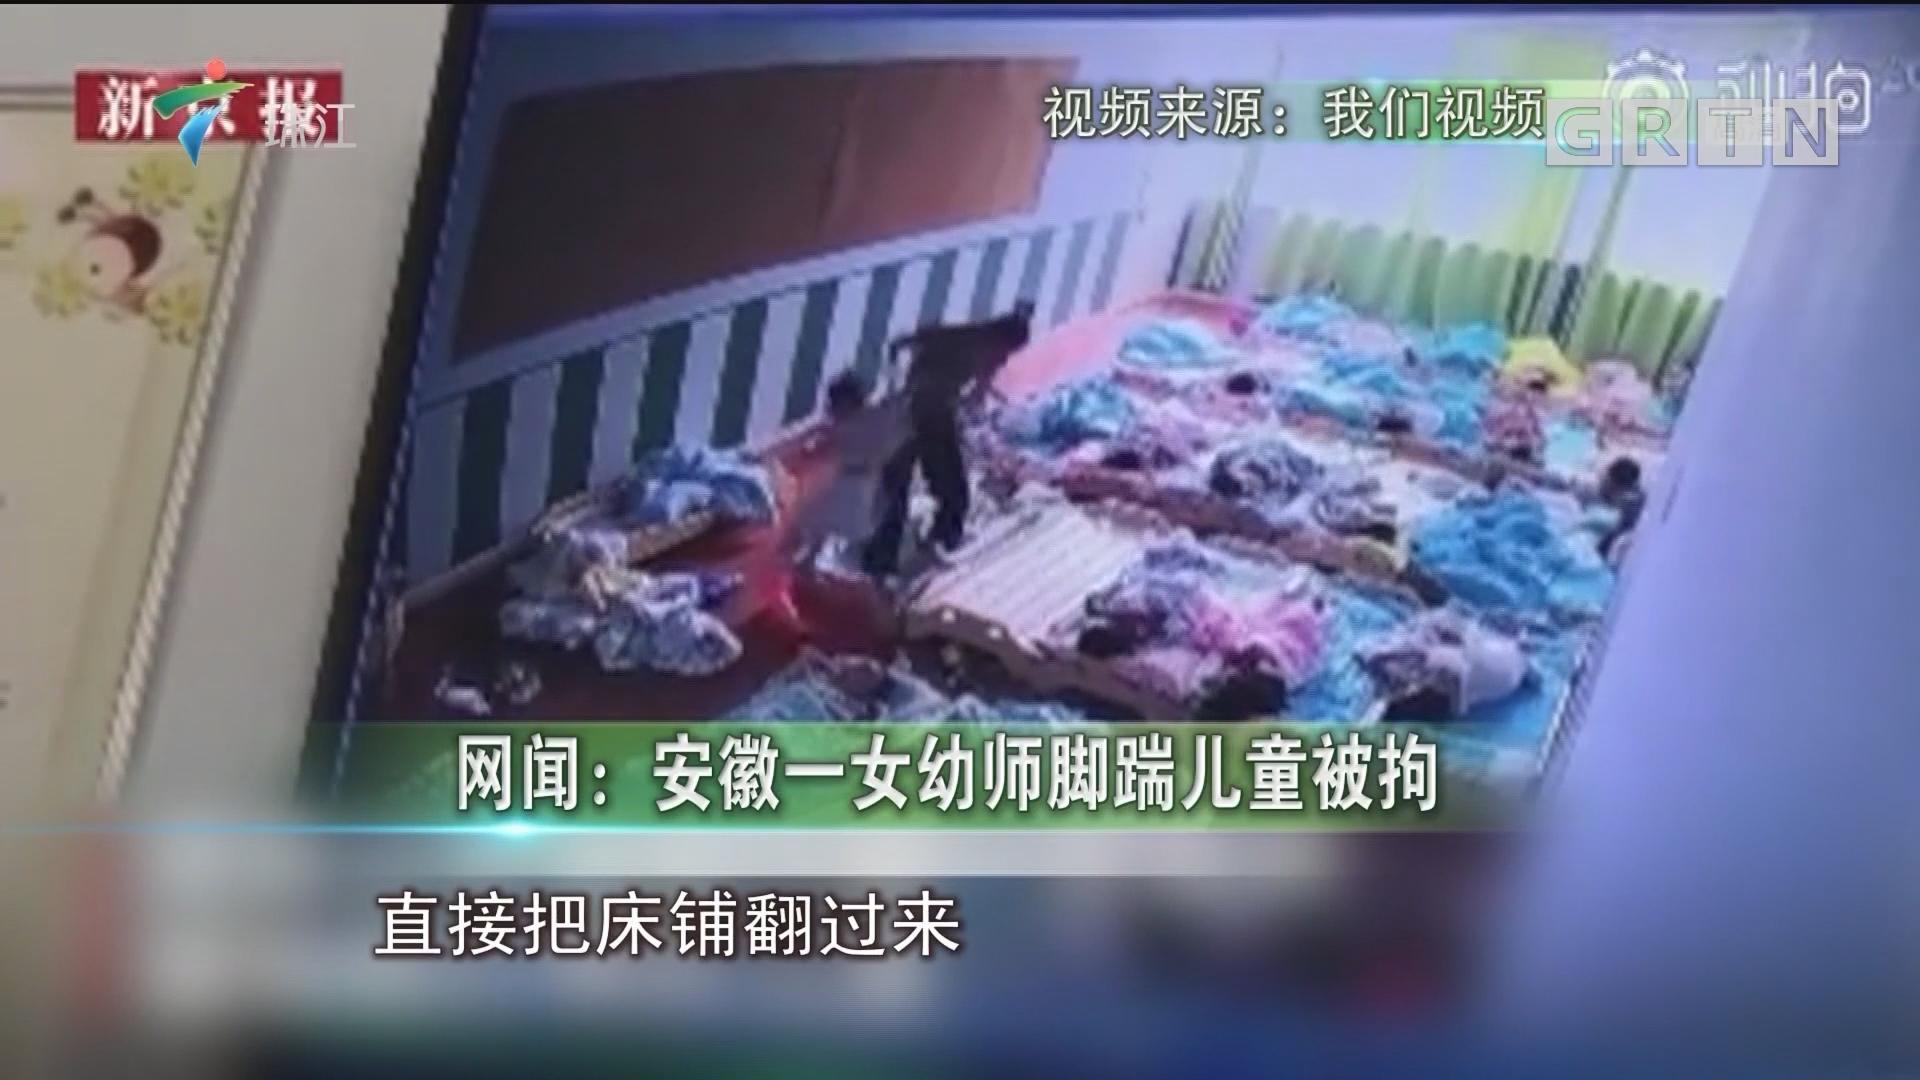 网闻:安徽一女幼师脚踹儿童被拘